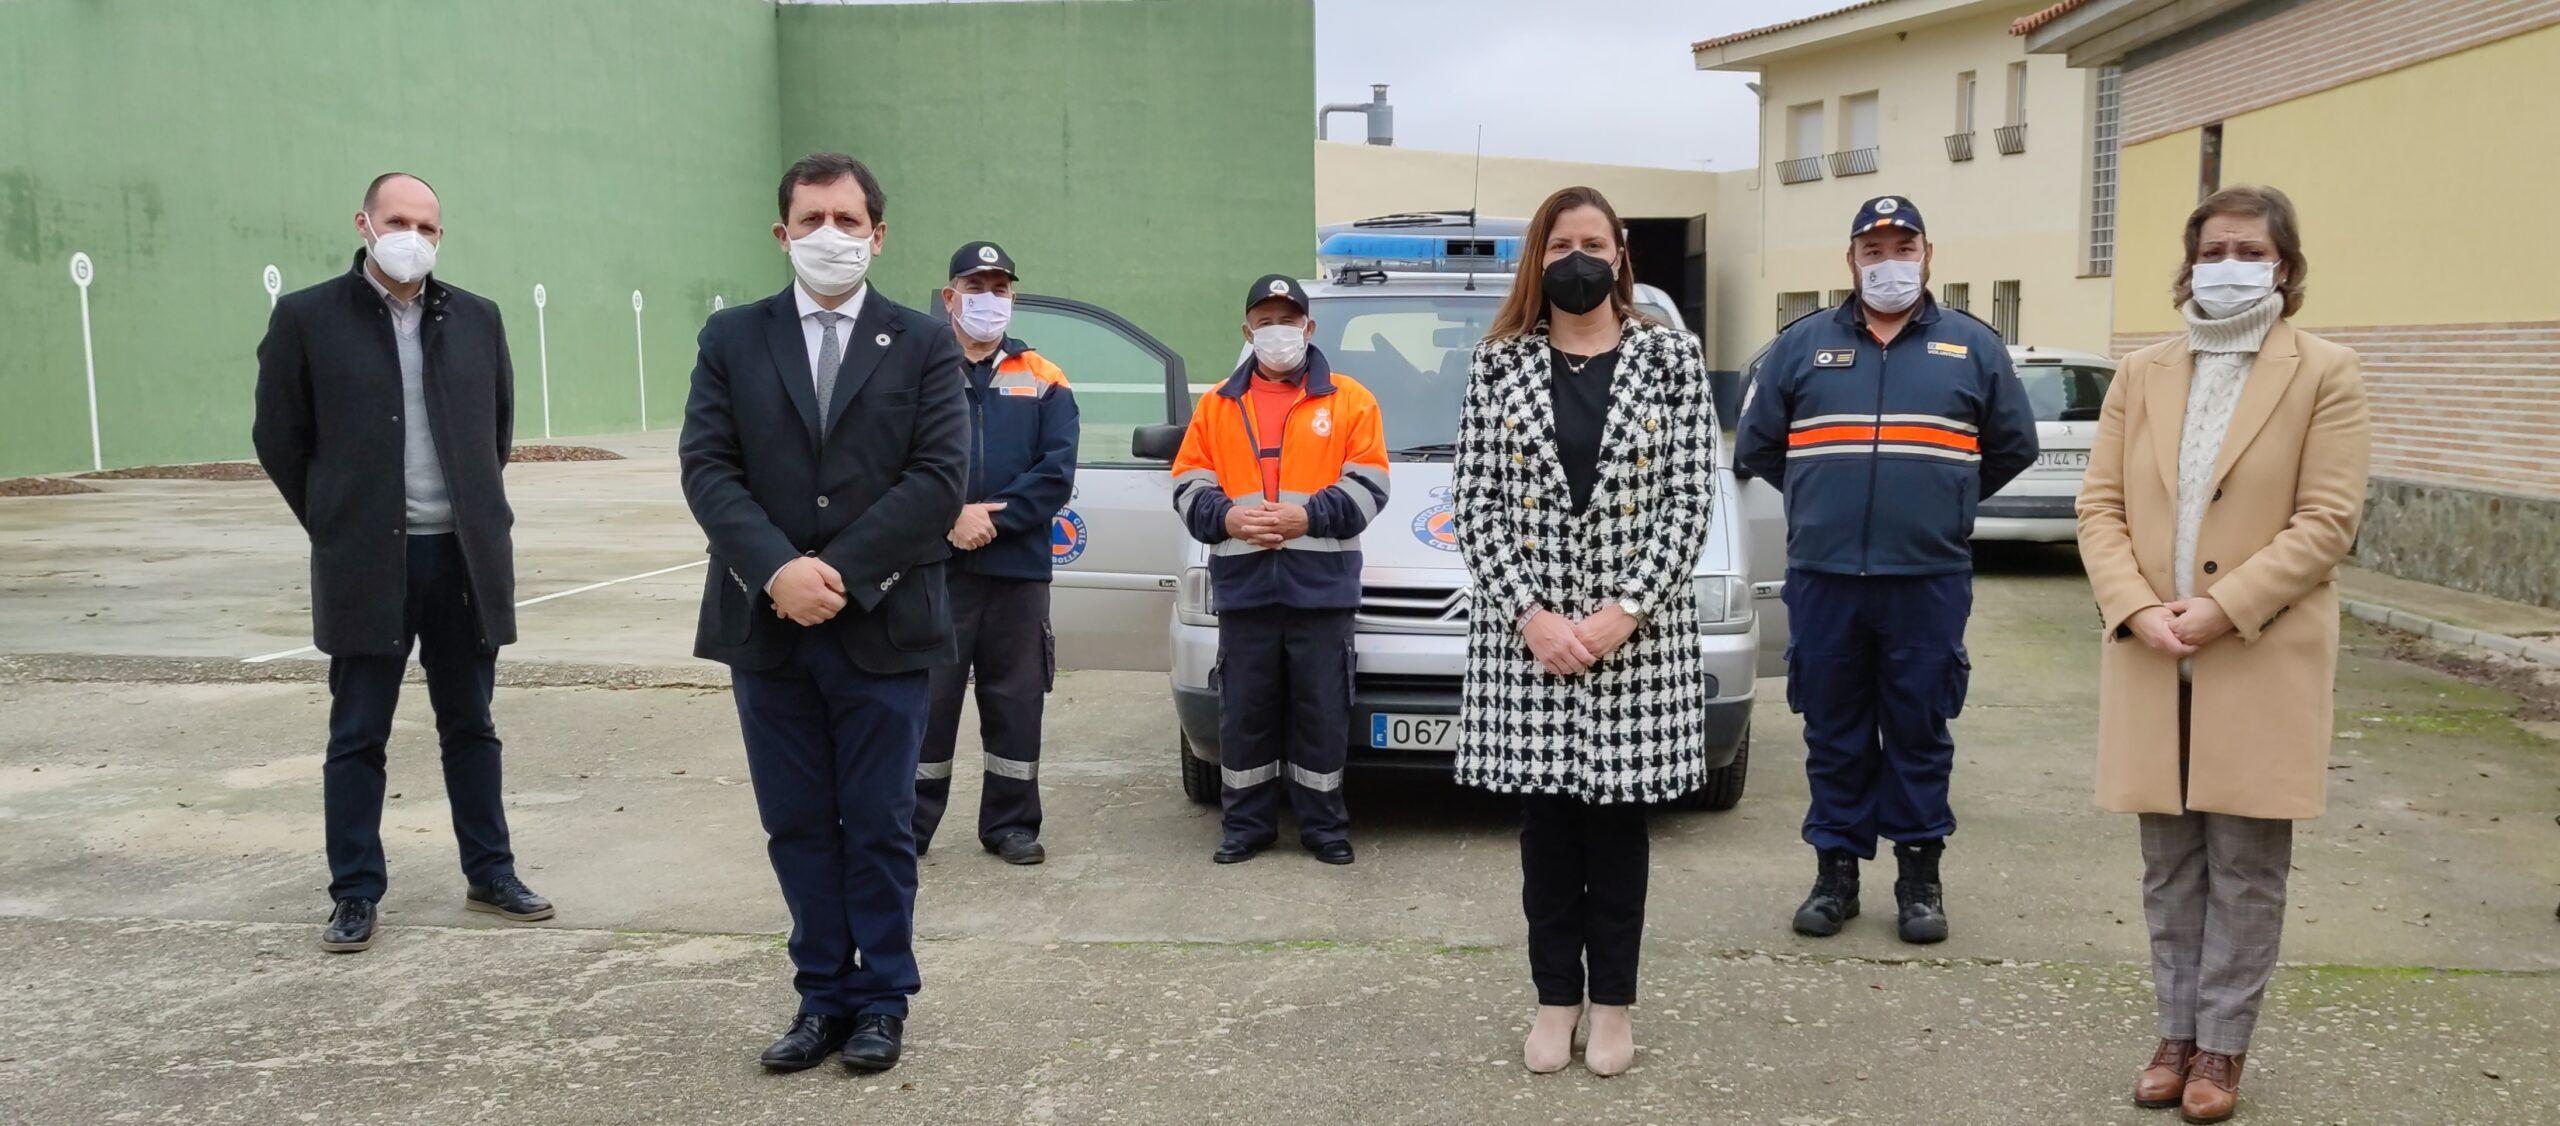 Protección Civil de Cebolla recibe uno de los doce equipos electrógenos distribuidos por el Gobierno regional a las agrupaciones de voluntarios de Toledo